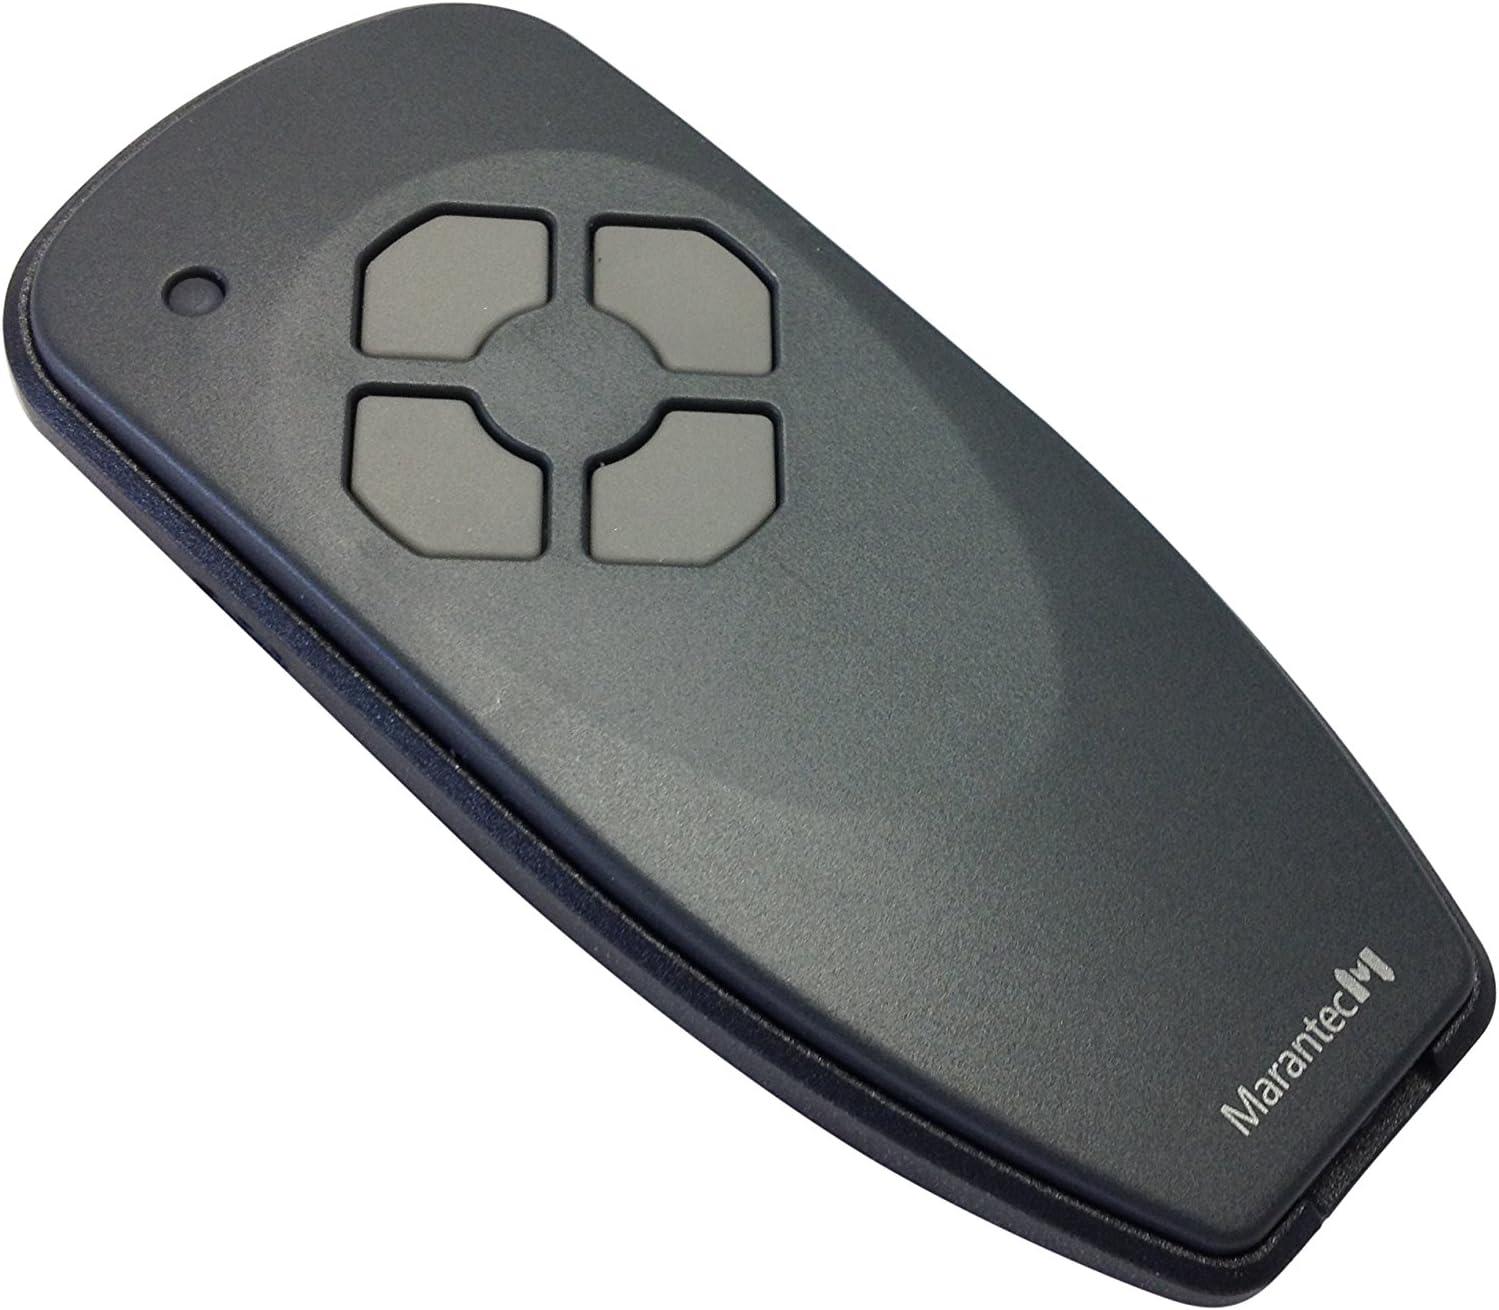 Mando a distancia para puerta de garaje 122459 Marantec Digital 384 Mini emisor manual 868.3 MHz sucesor Digital 304